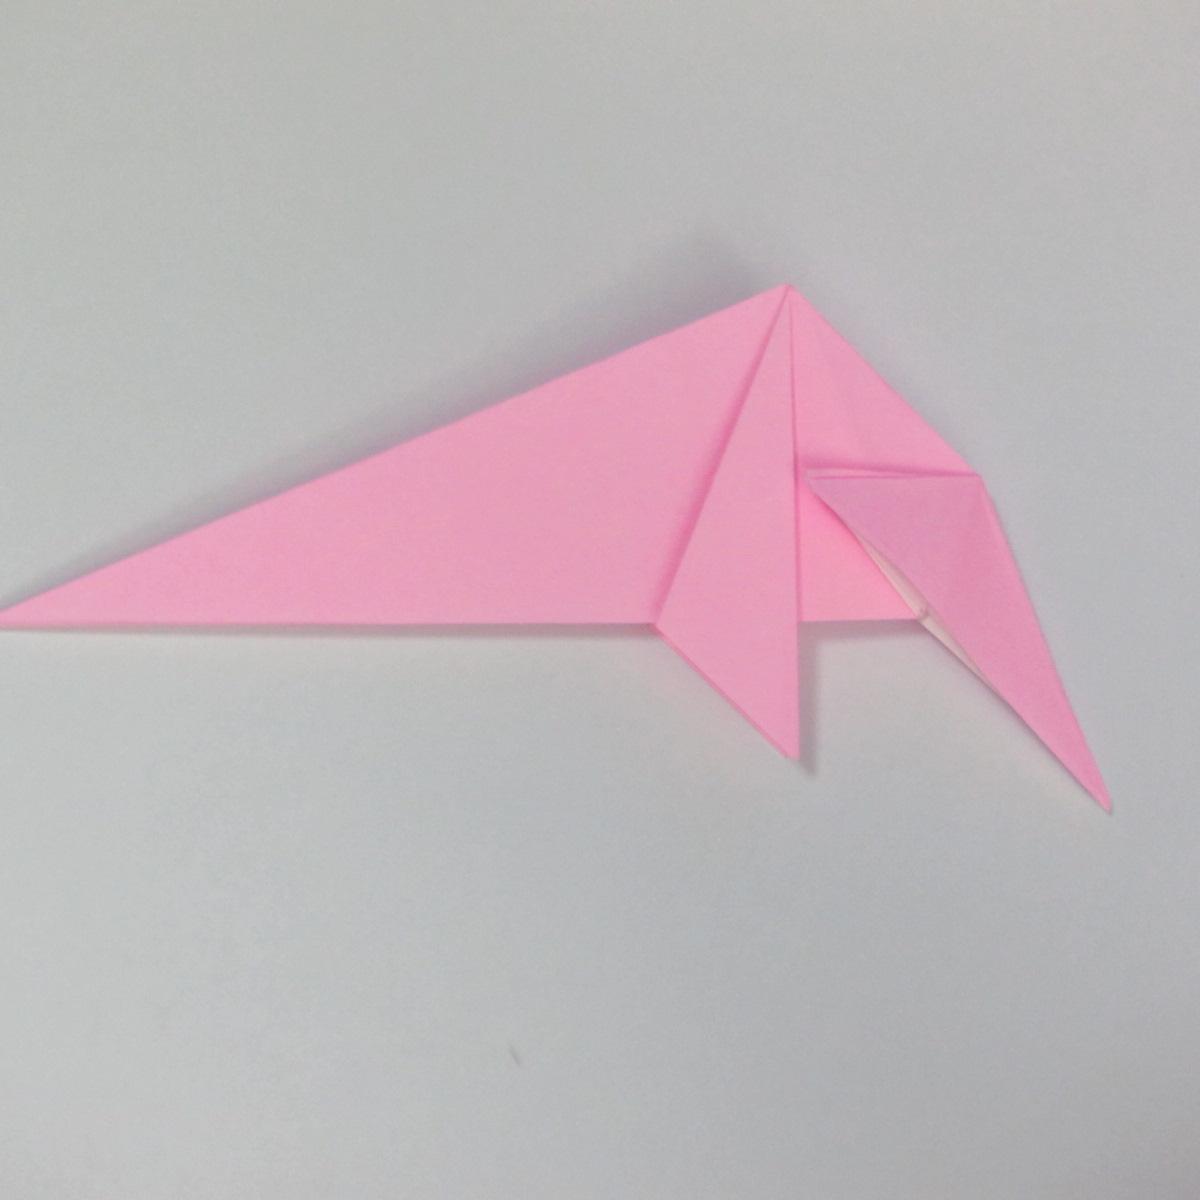 สอนการพับกระดาษเป็นลูกสุนัขชเนาเซอร์ (Origami Schnauzer Puppy) 046